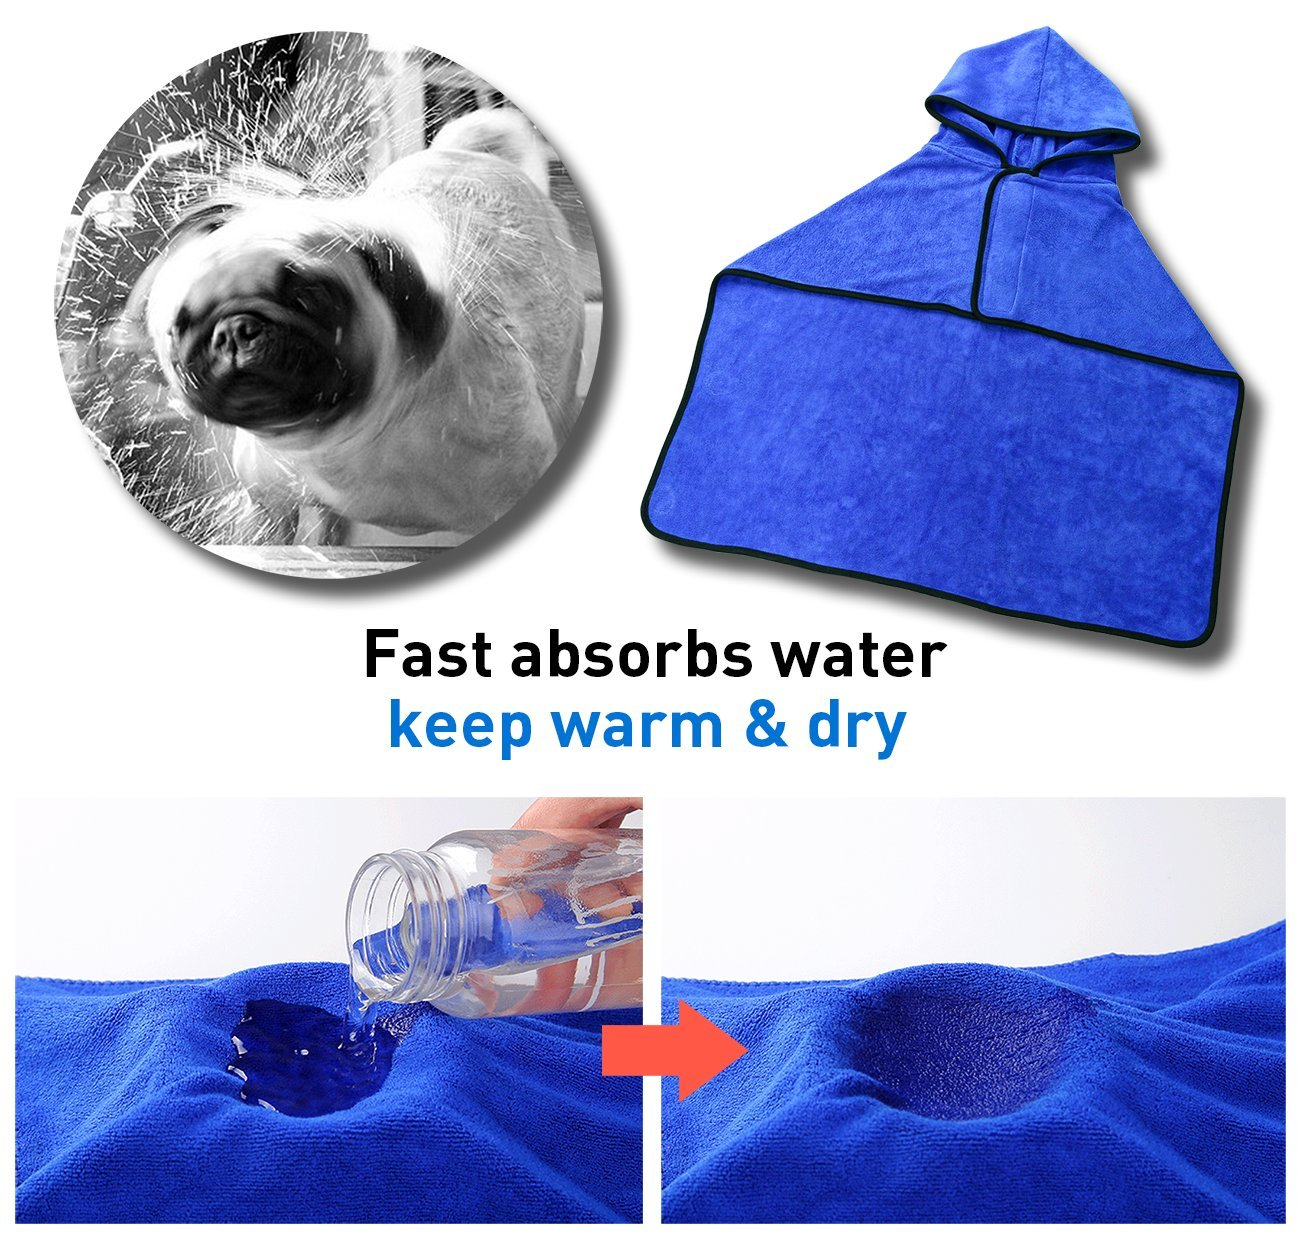 GiBot Toallas para Perro, Secado rápido de microfibra y Hidrófugo Toalla seca para baño Toalla Absorbente Súper Suave para Perros y Gatos, Medianos, 46.5cm, ...